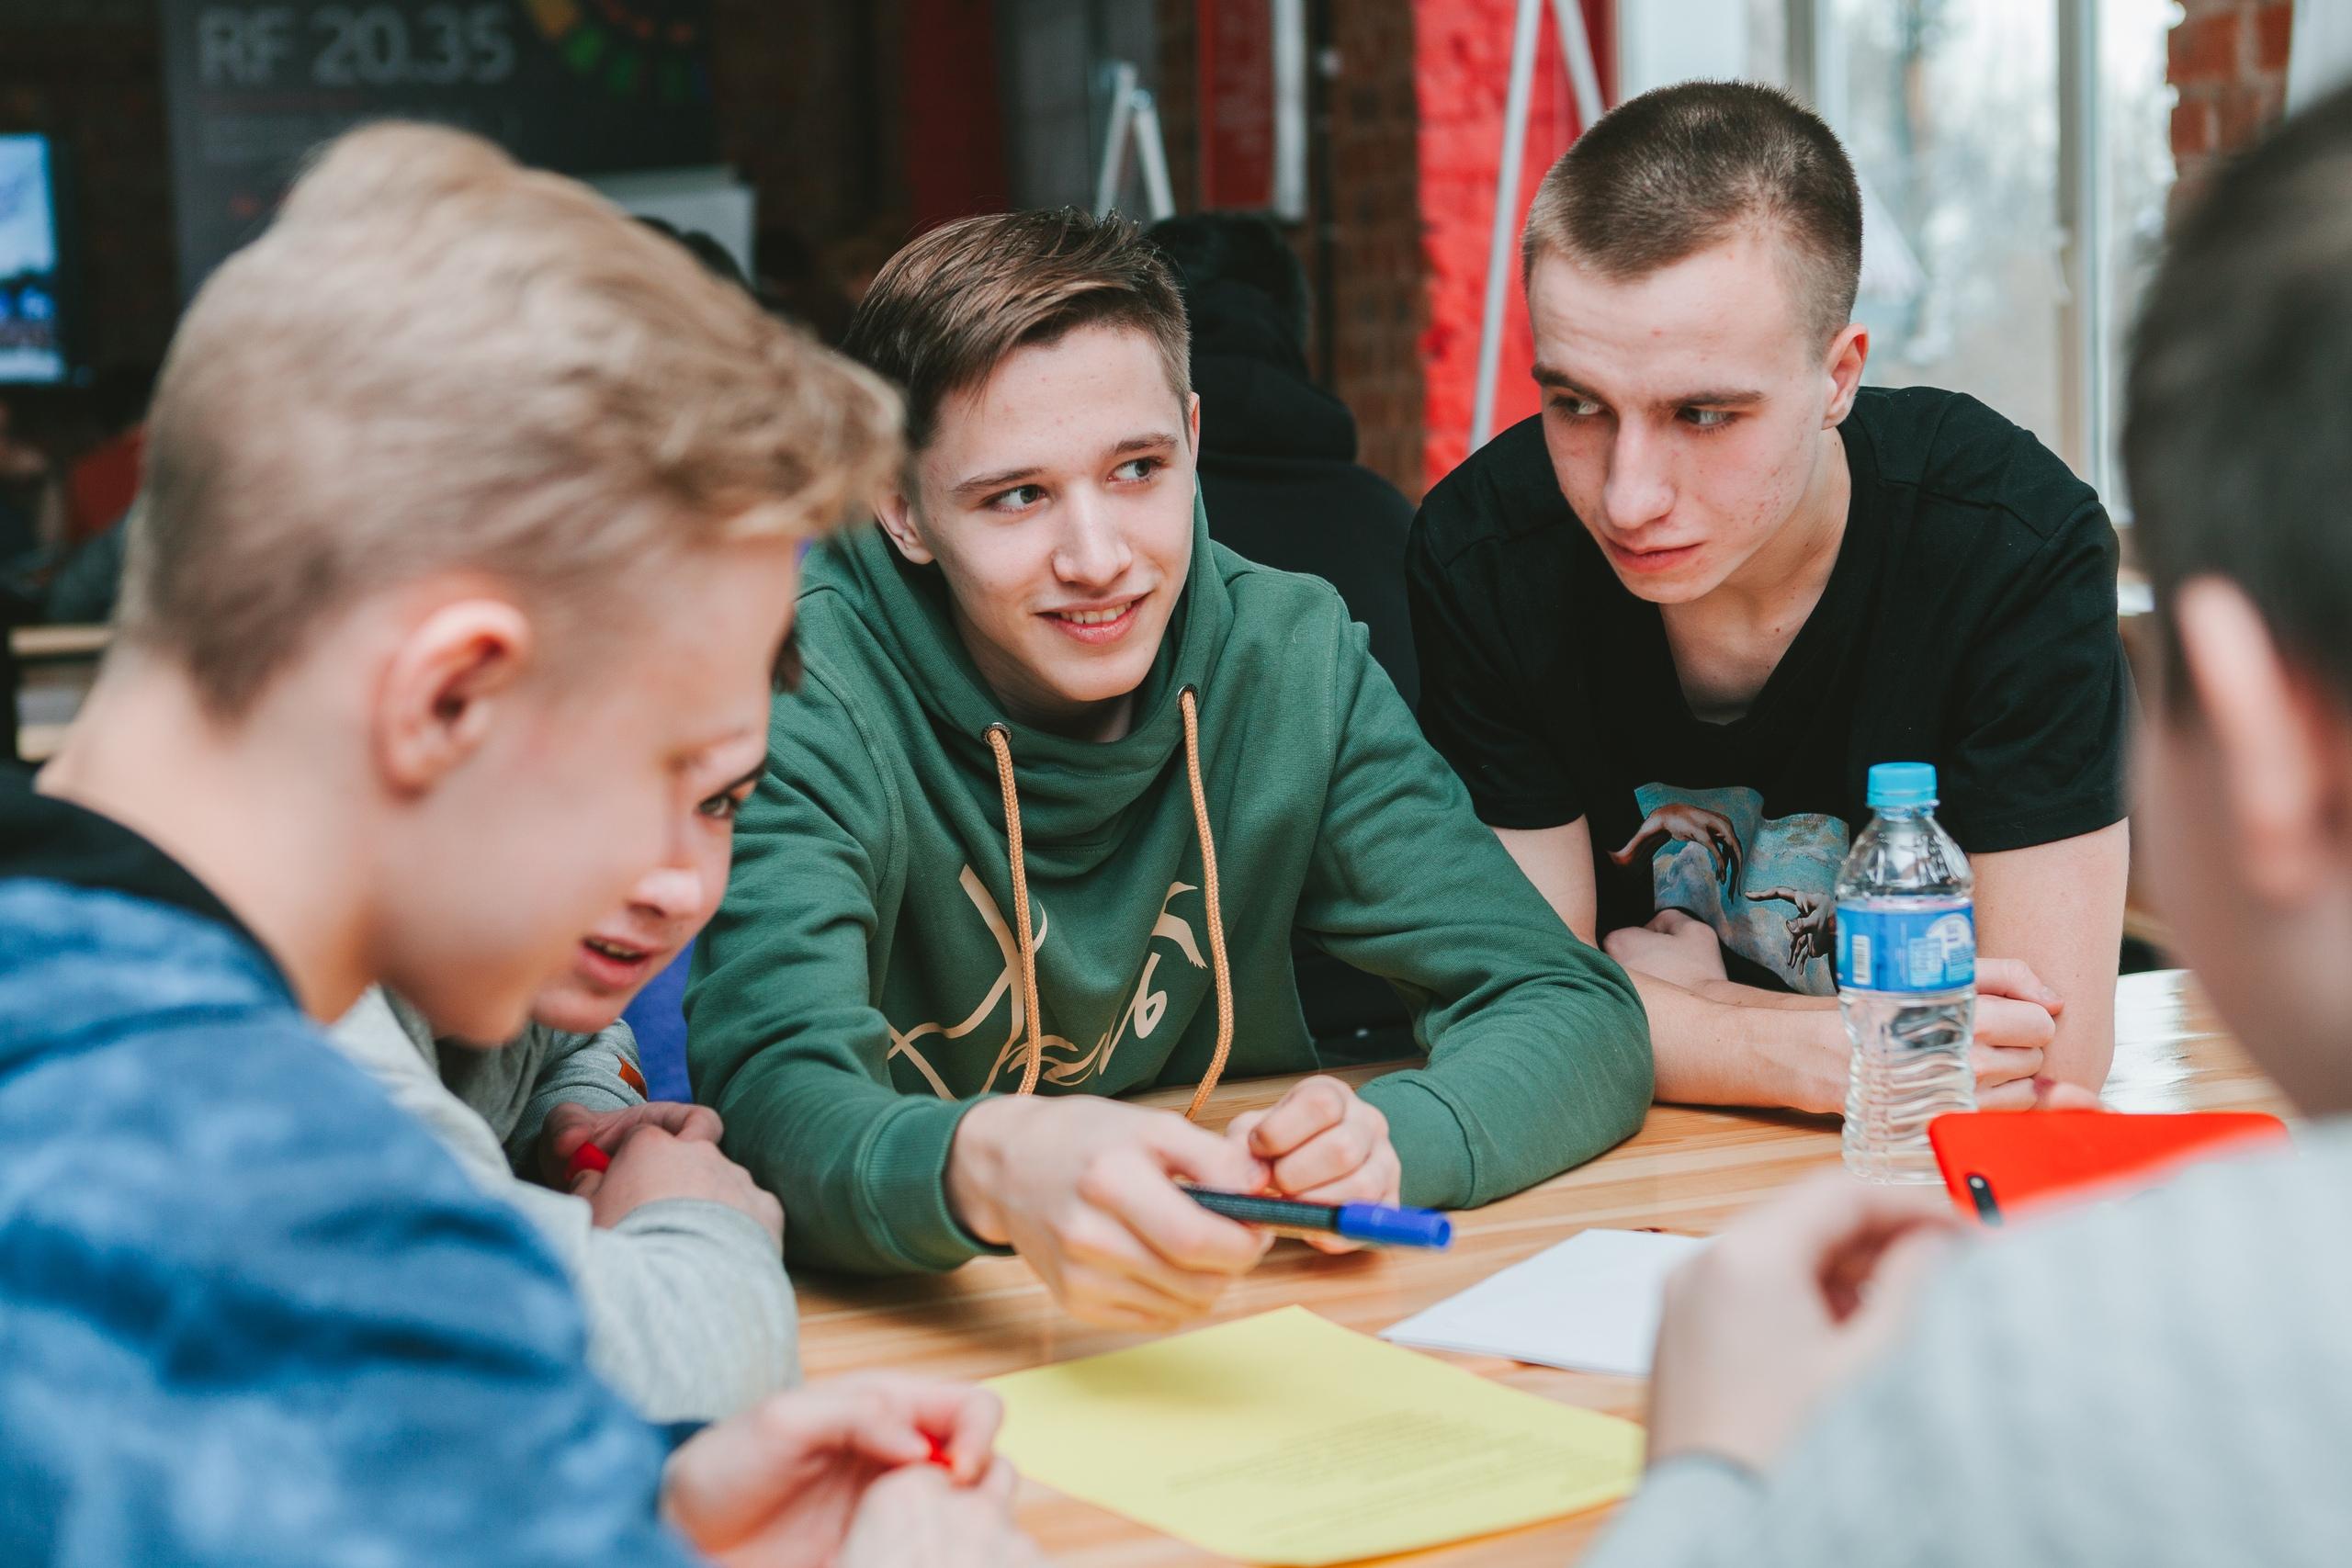 Всероссийский молодежный семинар-практикум по основам социального проектирования состоится в Иркутской области в 2020 году